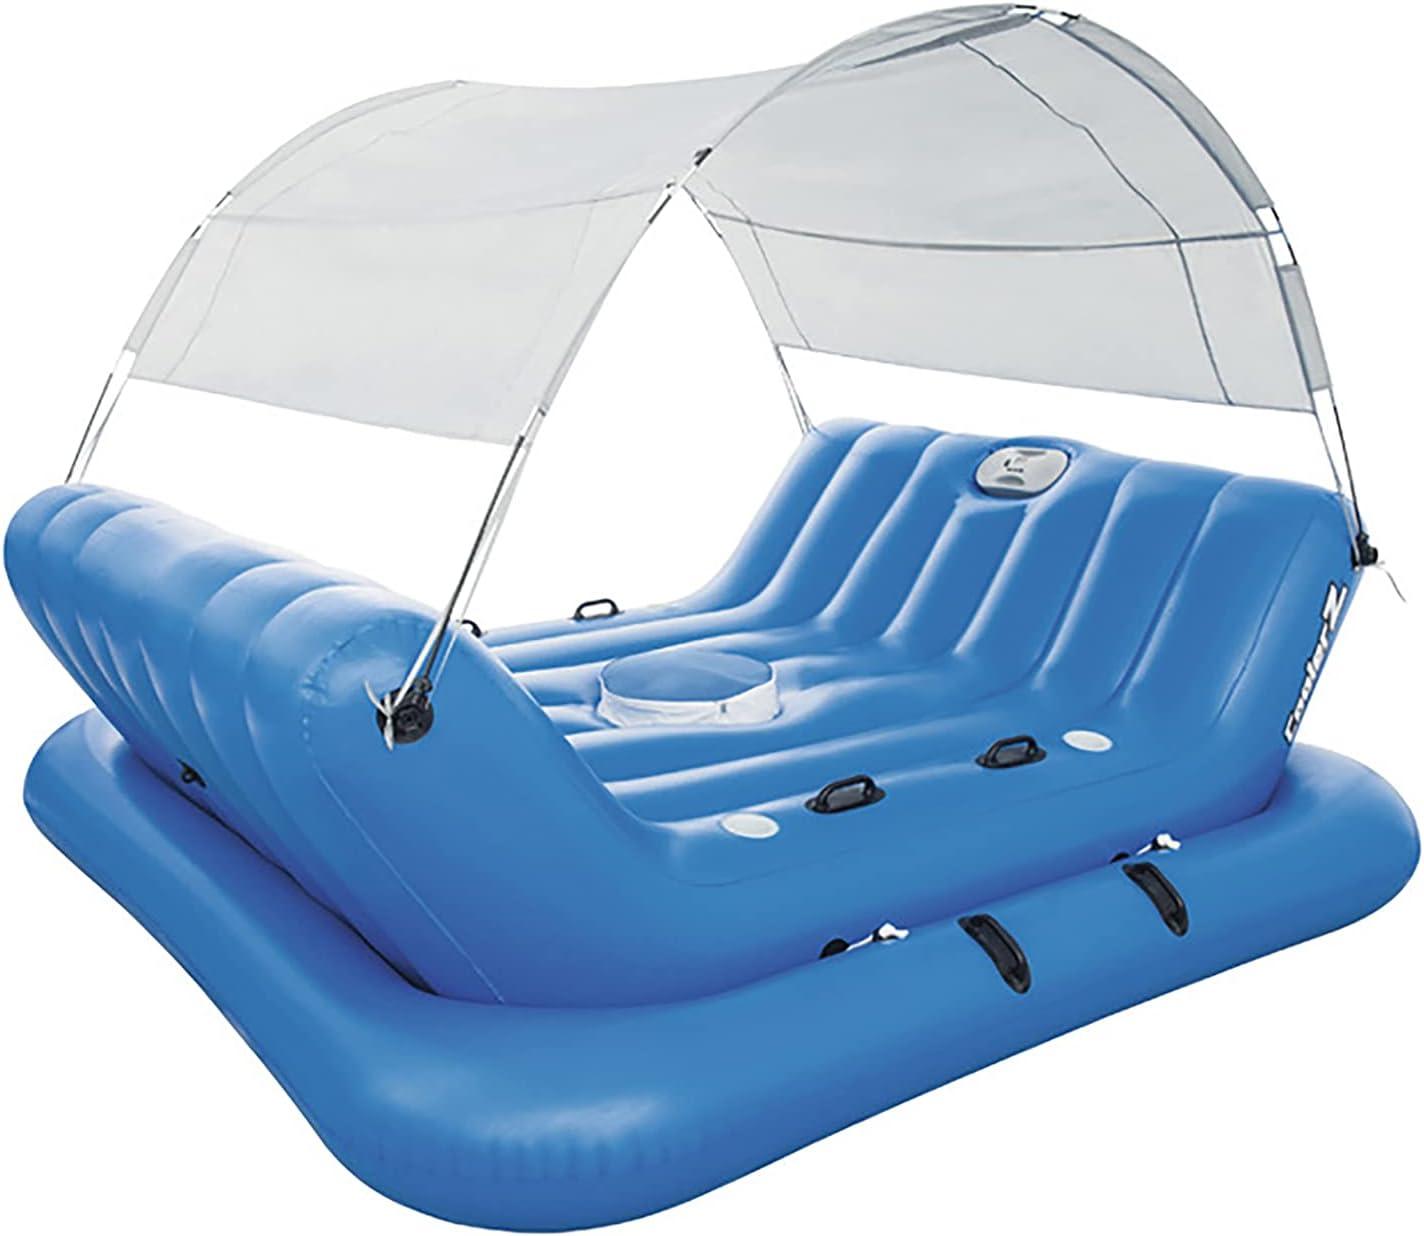 GW Colchoneta Piscina Adultos Flotadores Piscina Hinchables para Piscina Cama De Agua Flotador Puede Sentarse 4 Personas Azul